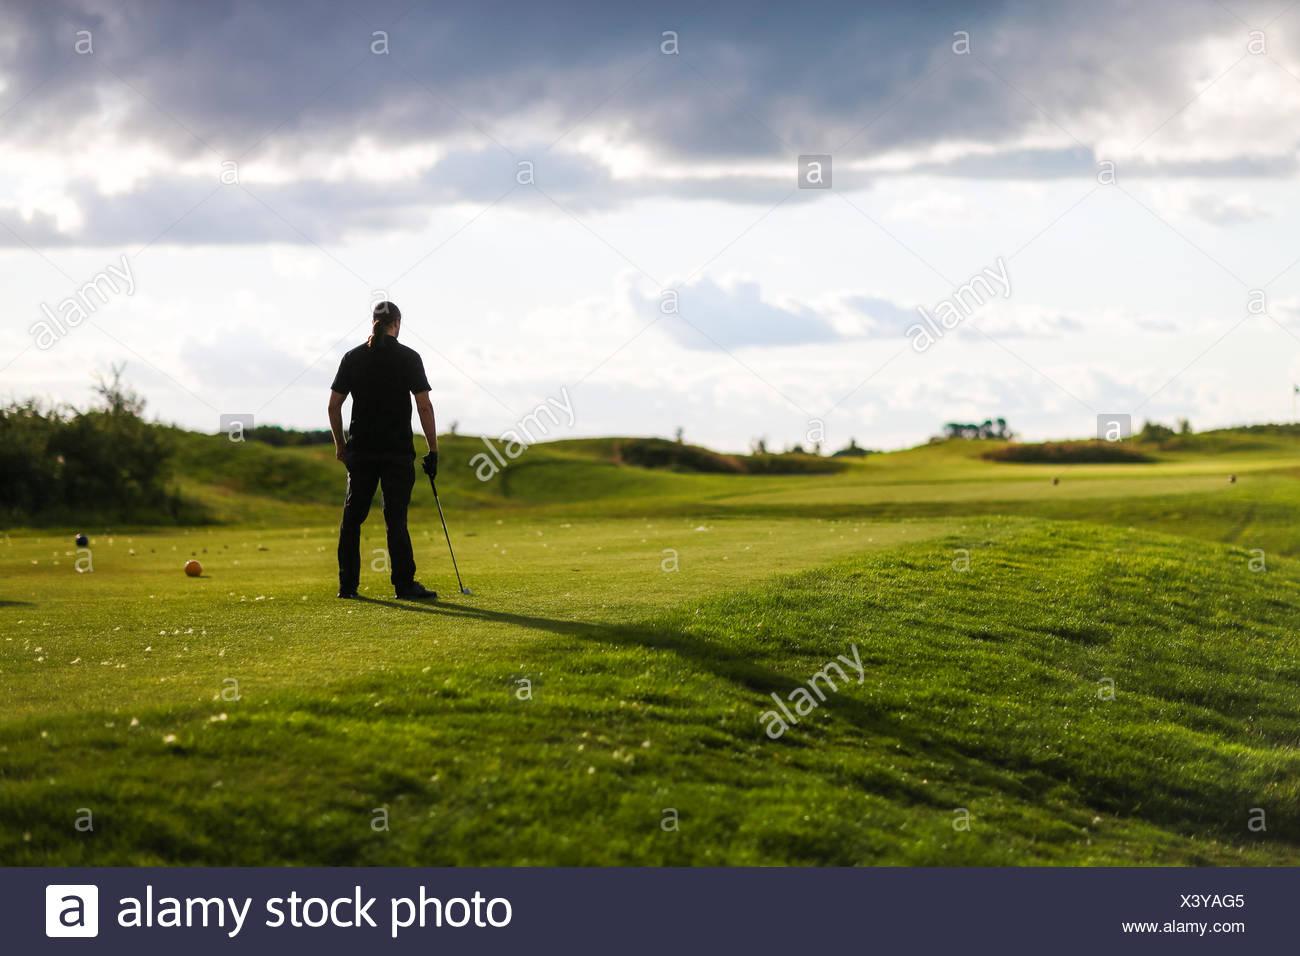 Mann mit Golf Club blickt auf stürmischen Golfplatz Stockbild